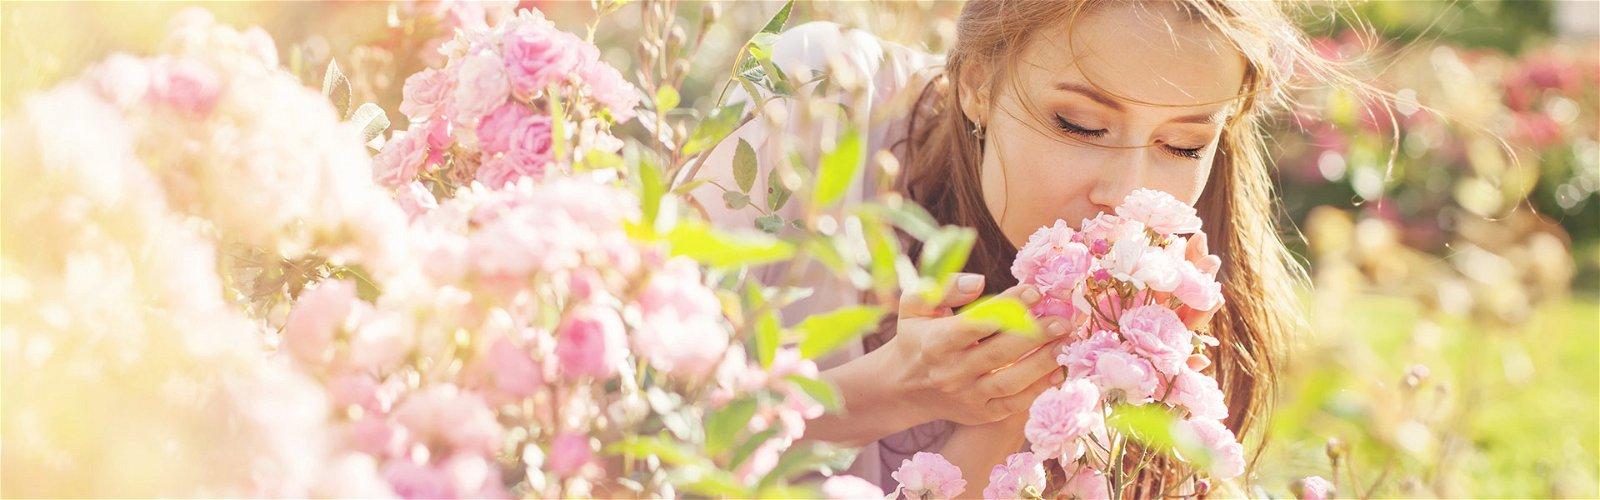 Kvinde dufter til roser